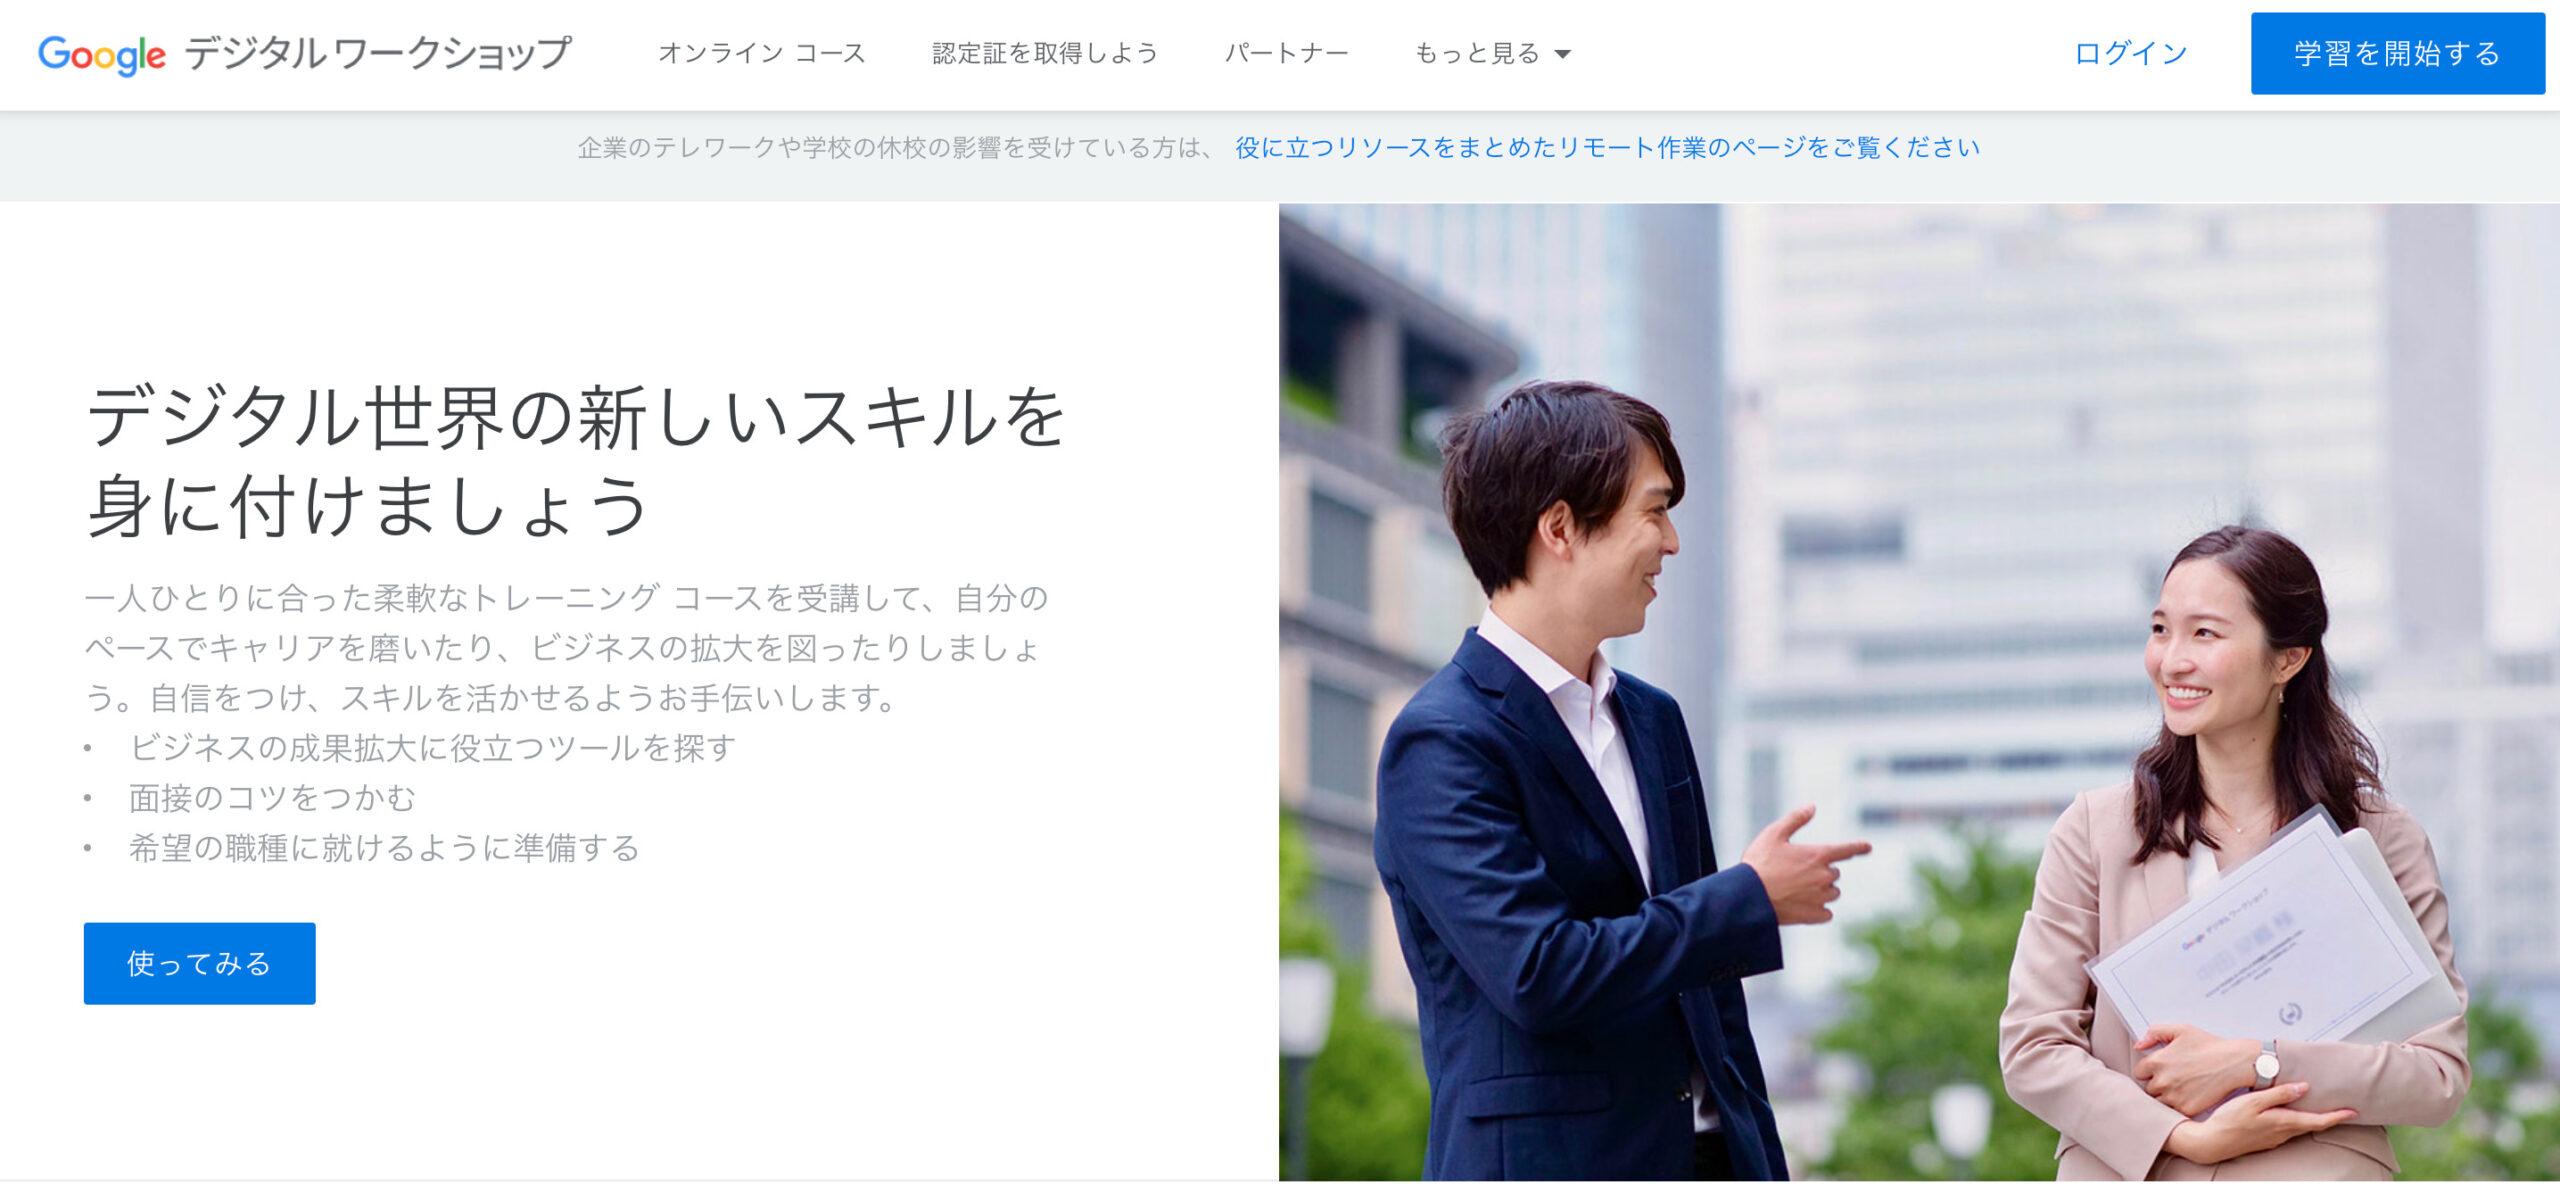 Google 講座